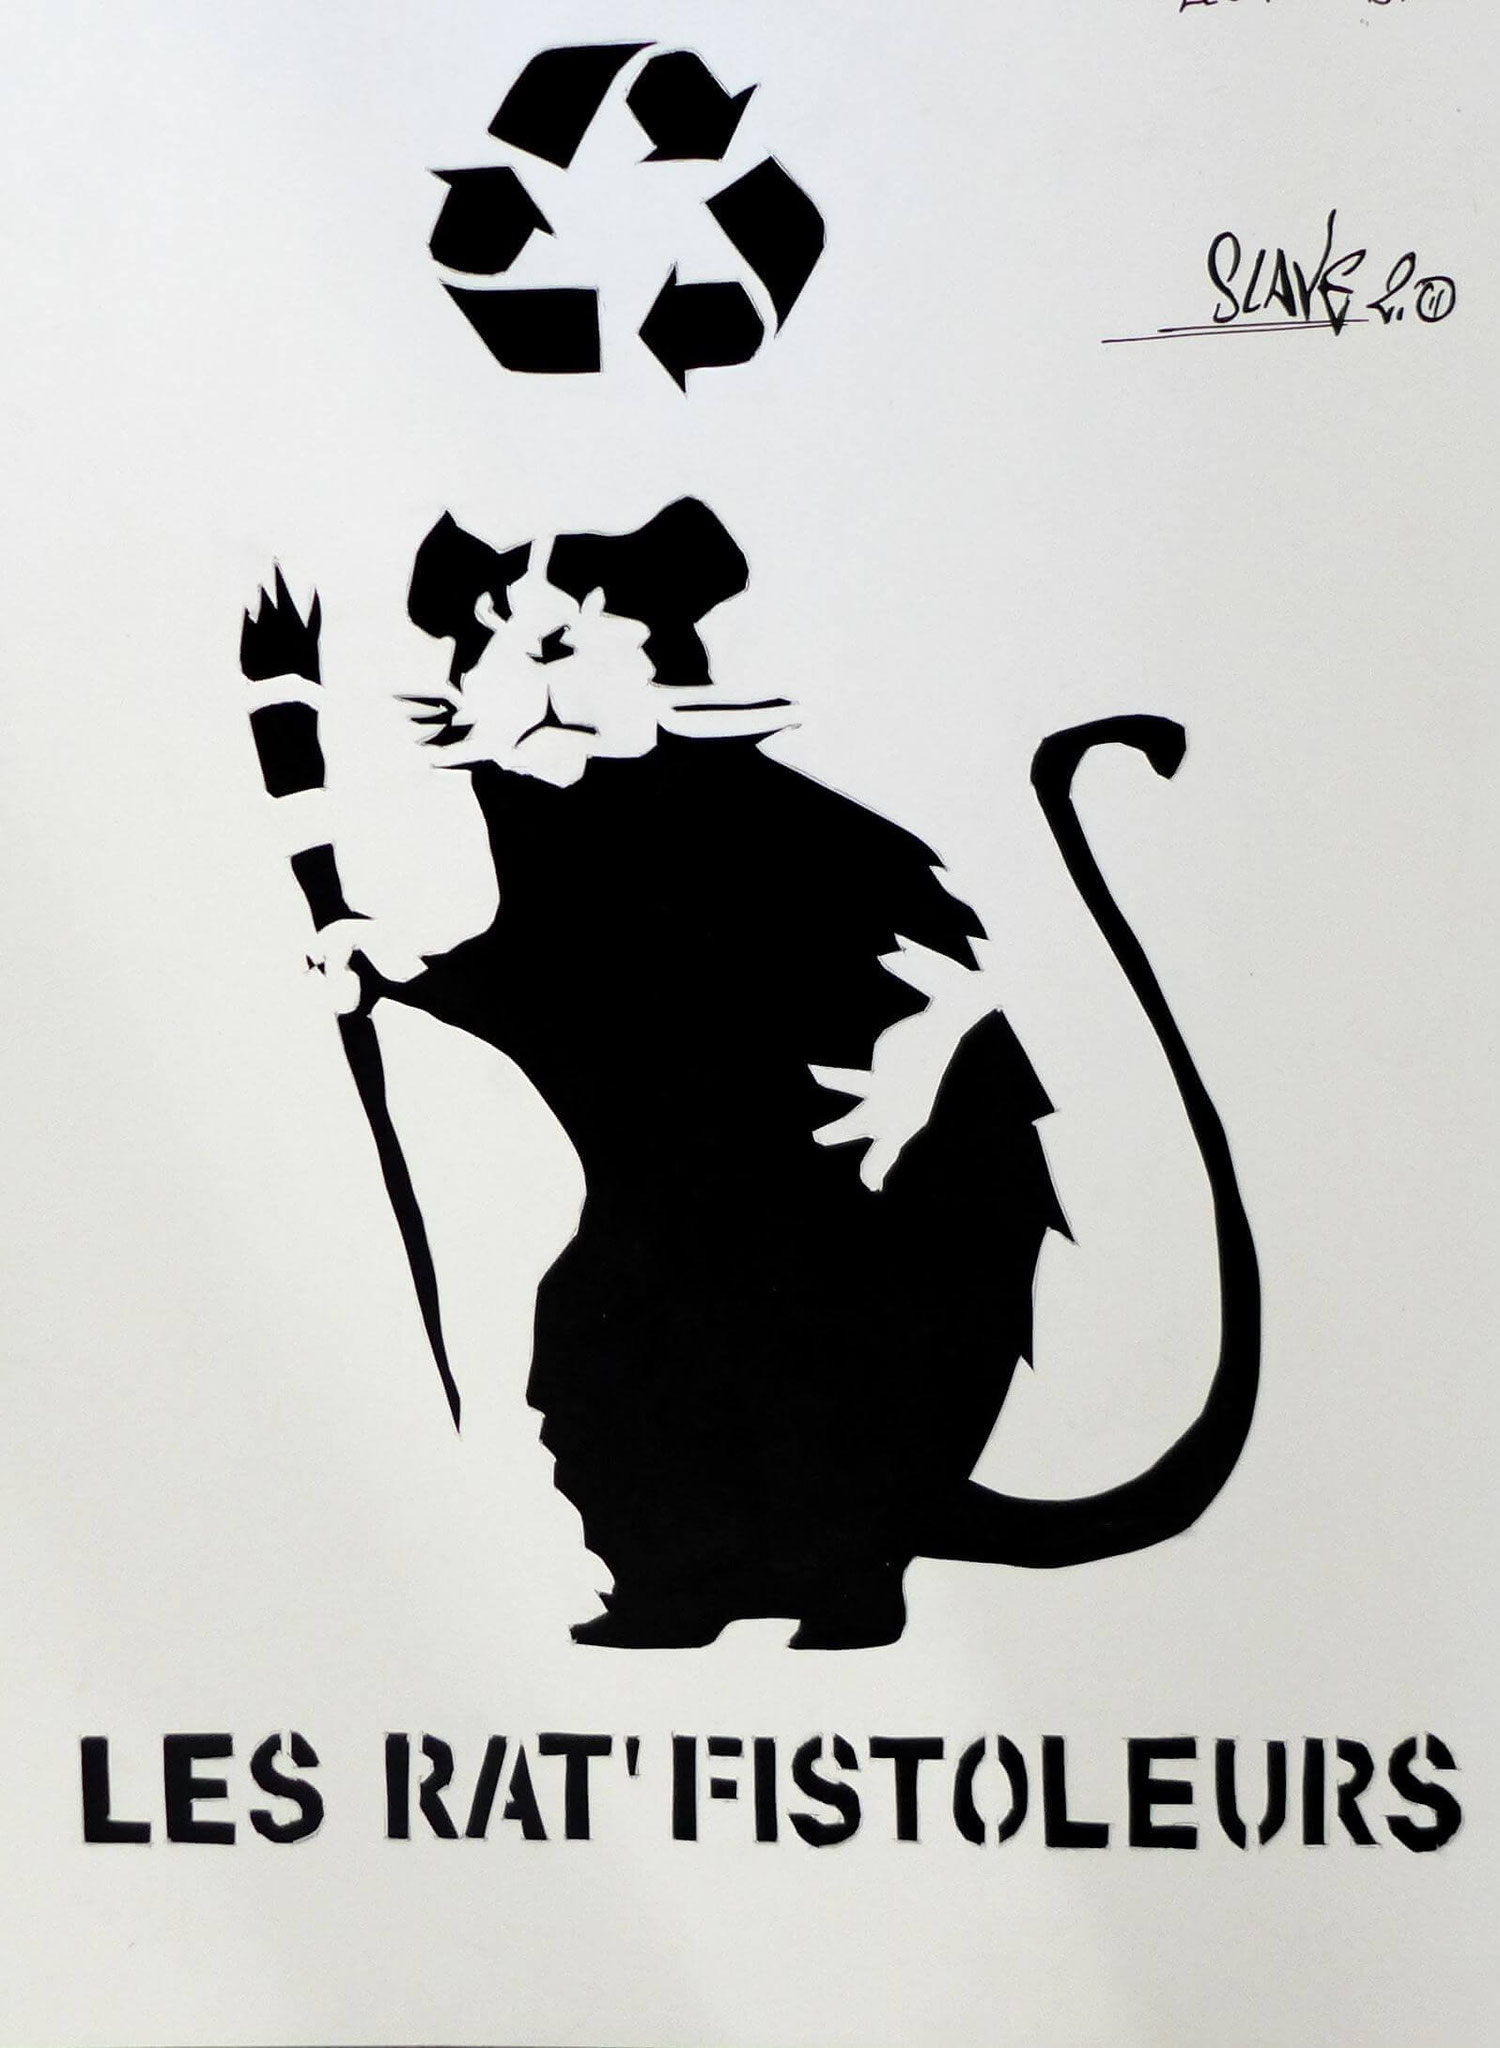 pochoir-rat-banksy-personnalise-pas-cher-sur-mesure.jpg